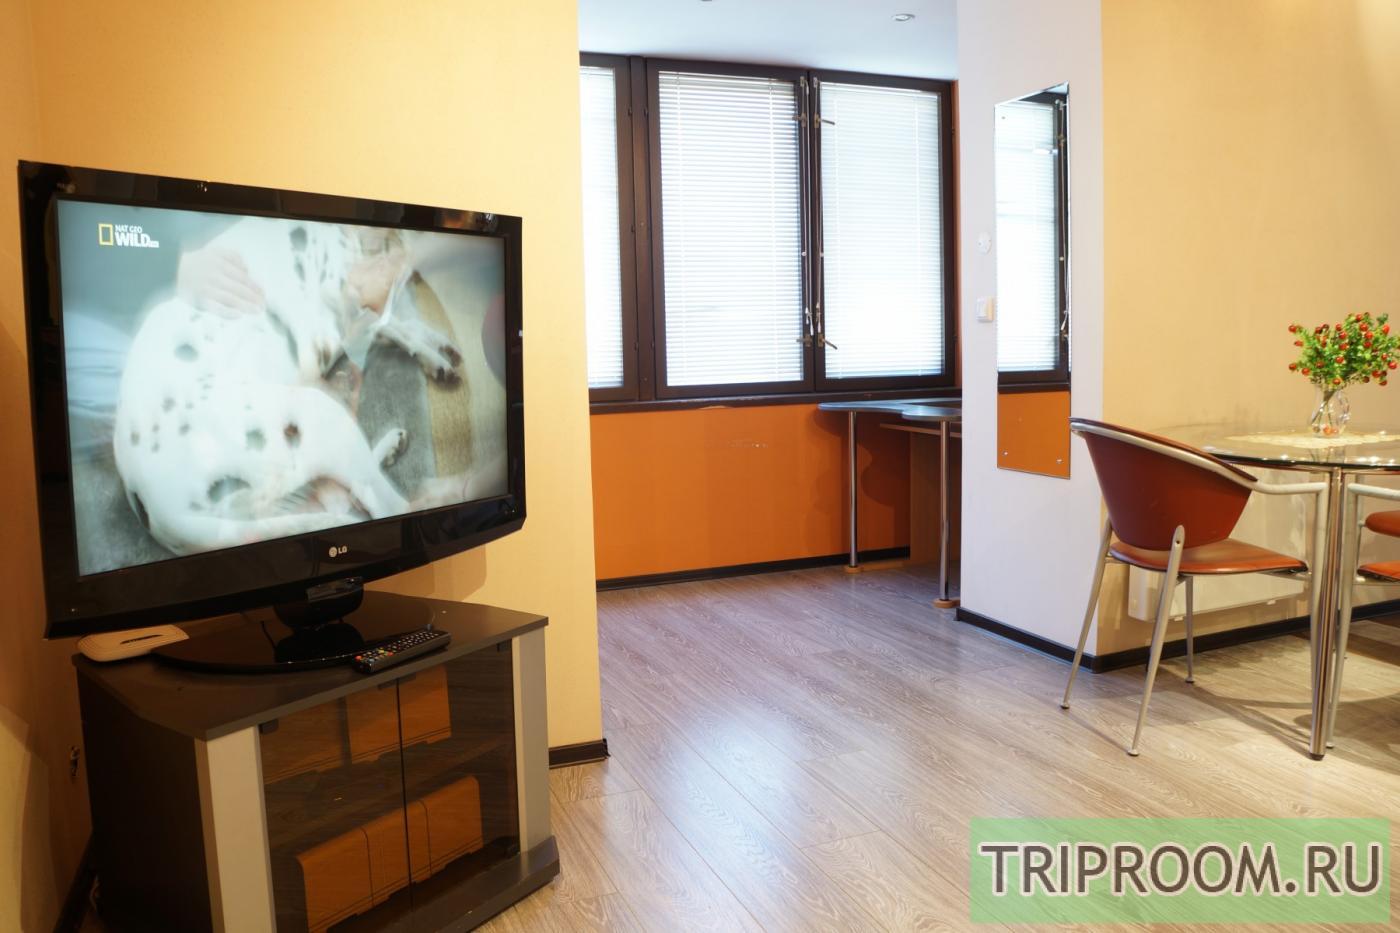 2-комнатная квартира посуточно (вариант № 28673), ул. Варшавская улица, фото № 4